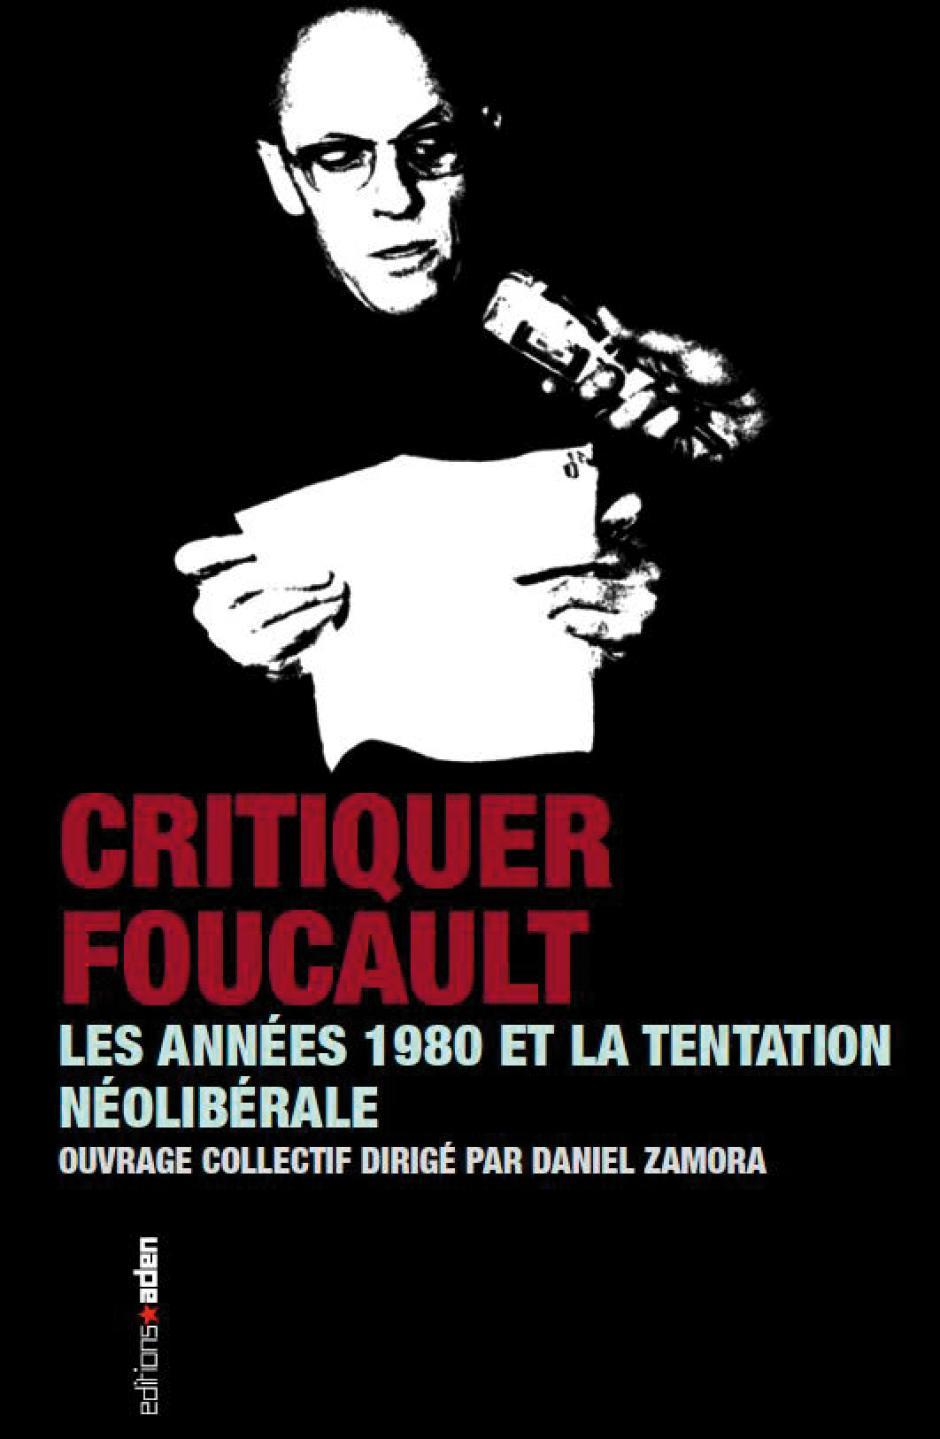 Critiquer Foucault  Les années 1980 et la tentation néolibérale